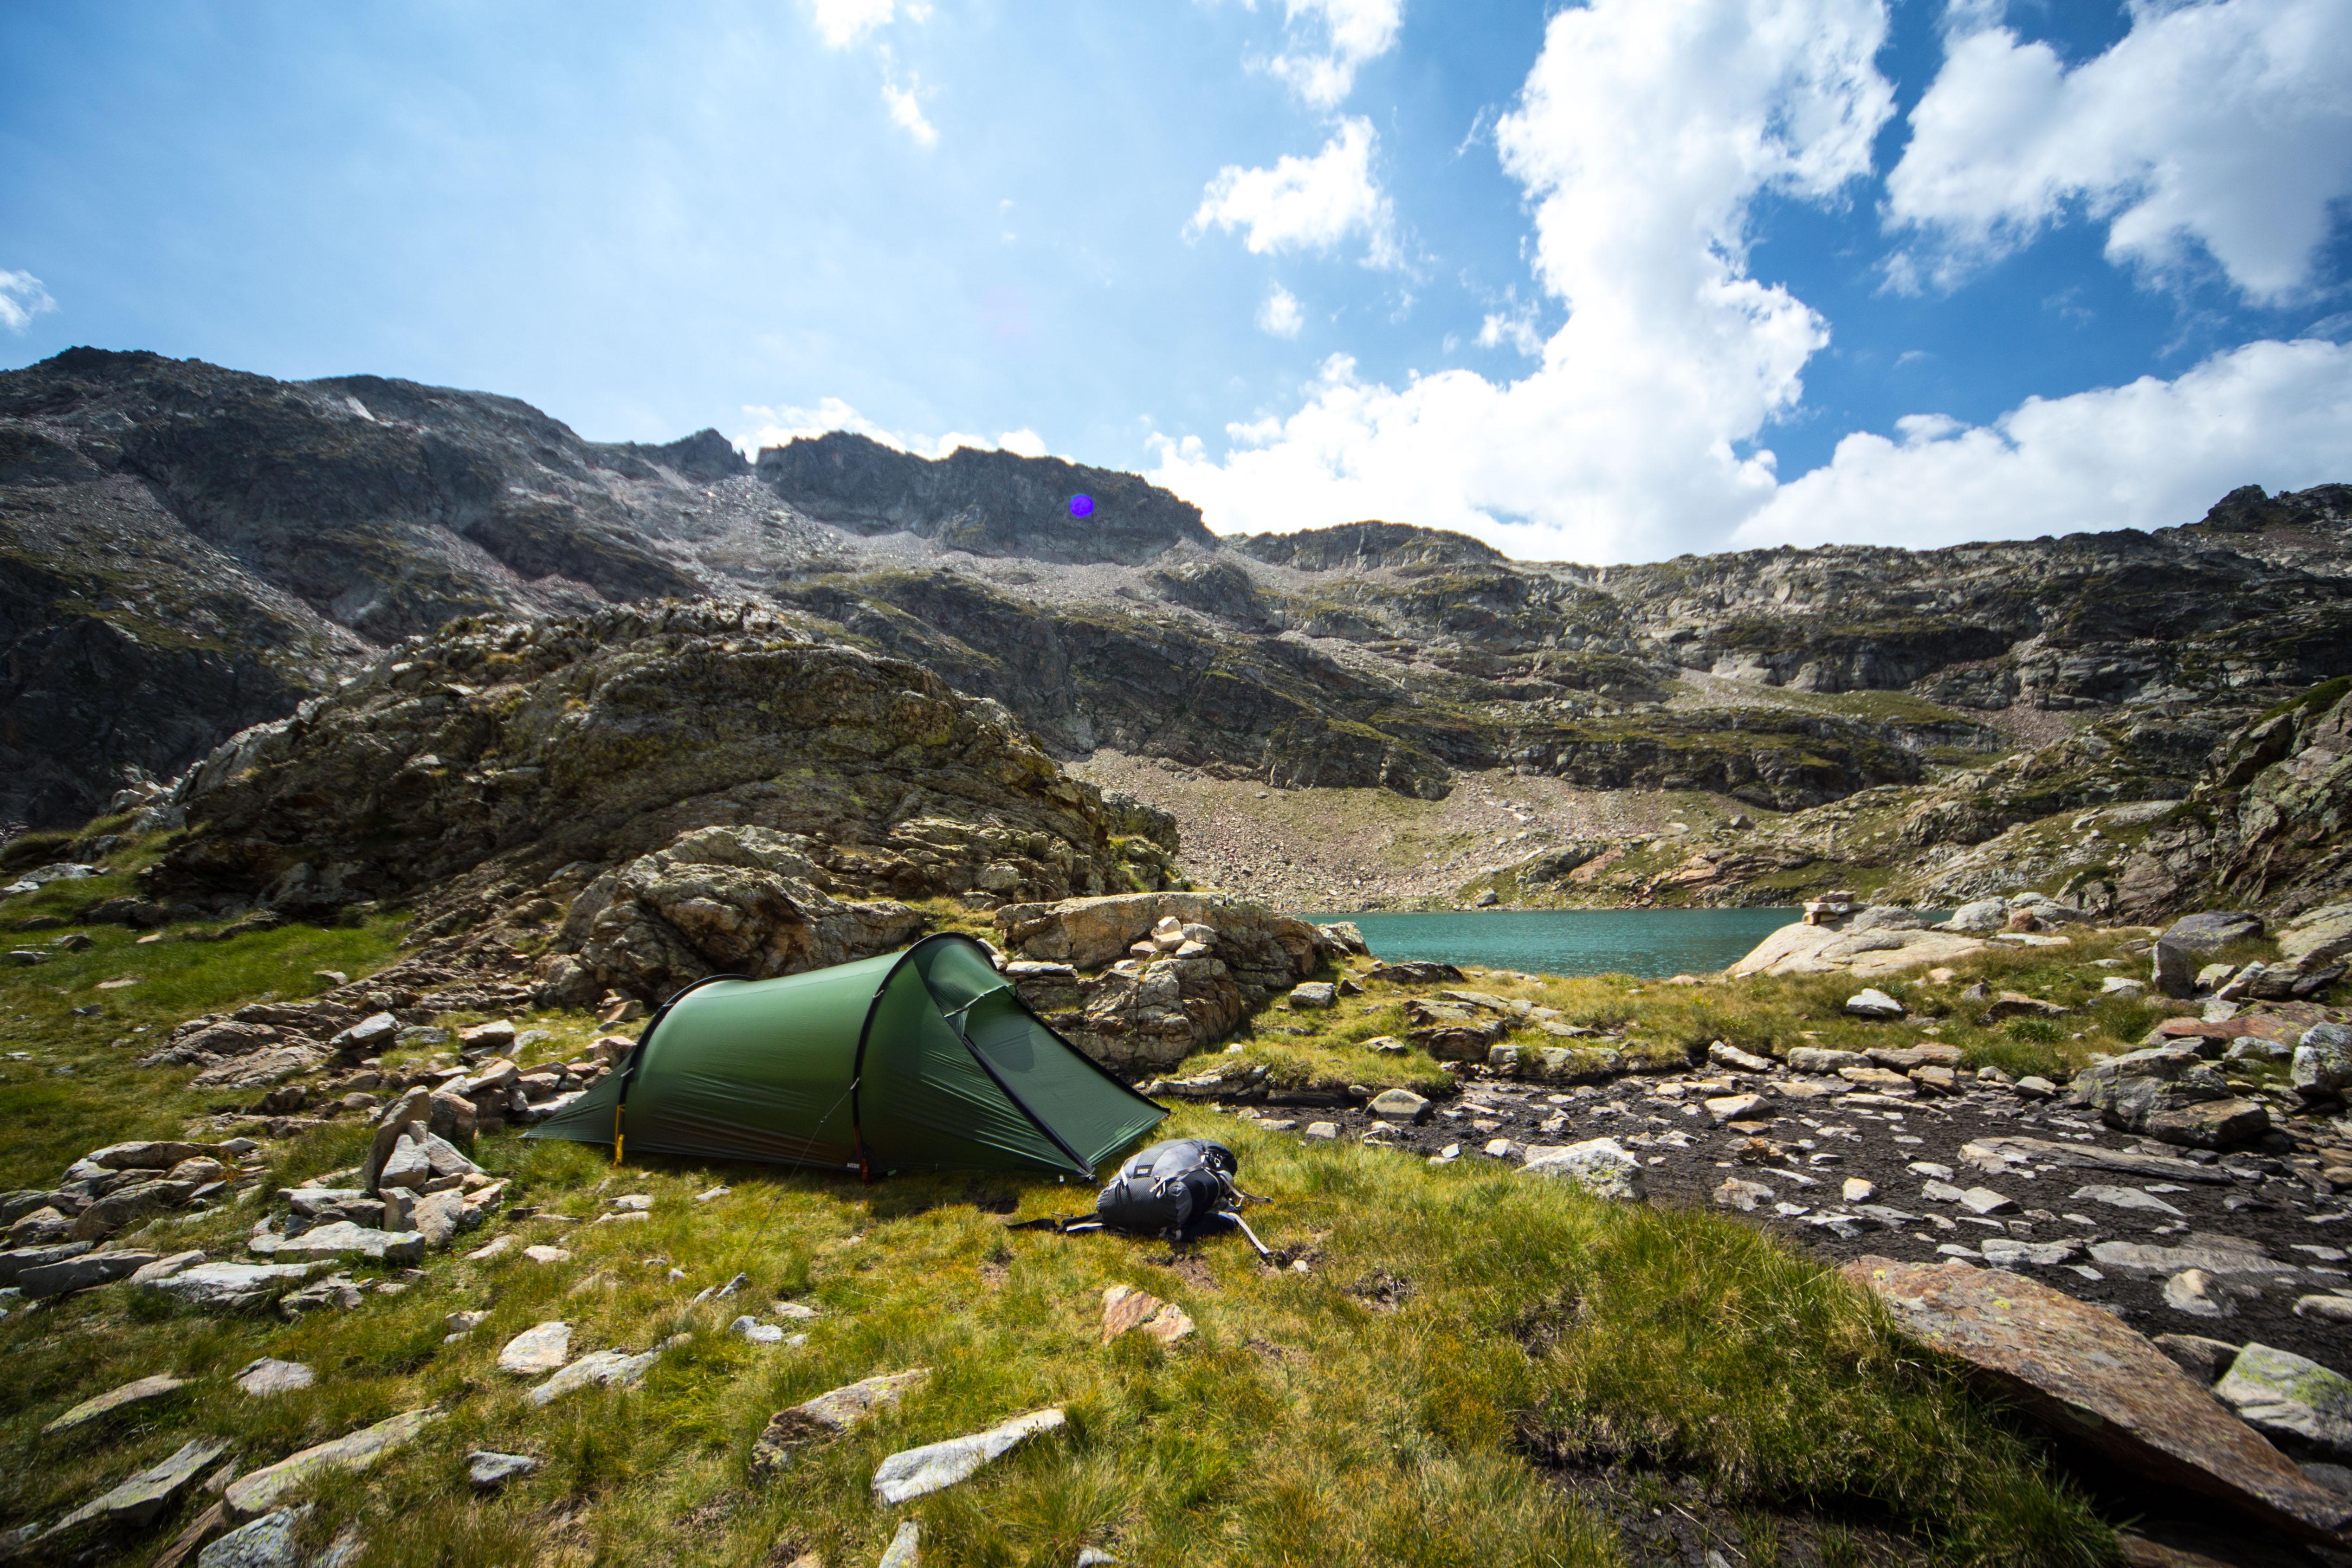 Licht Gewicht Tent : Review nigor kamao high tech dutch tent gearlimits